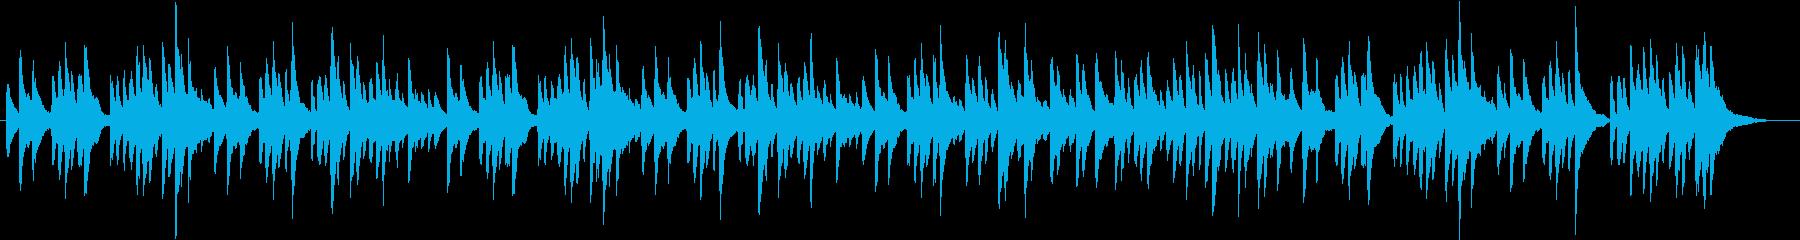 心地良いヒーリングクラシック「夢」ハープの再生済みの波形